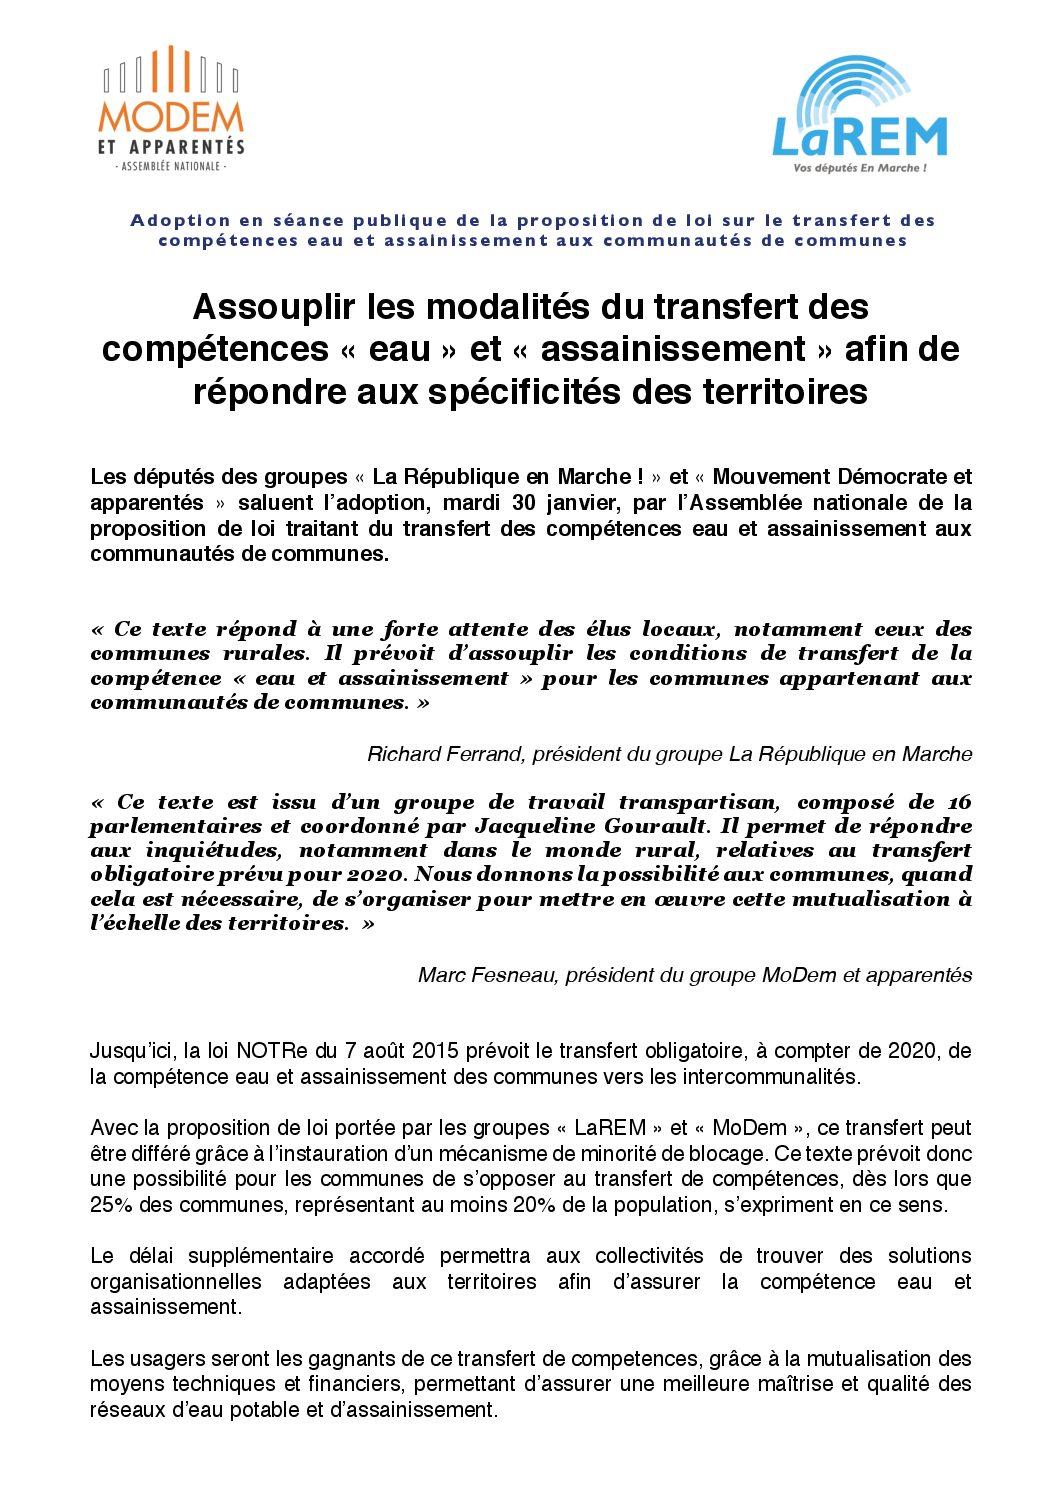 Mutualisation De Moyens Techniques Et Financiers, Un Nouveau Modèle De Gestion Pour La France